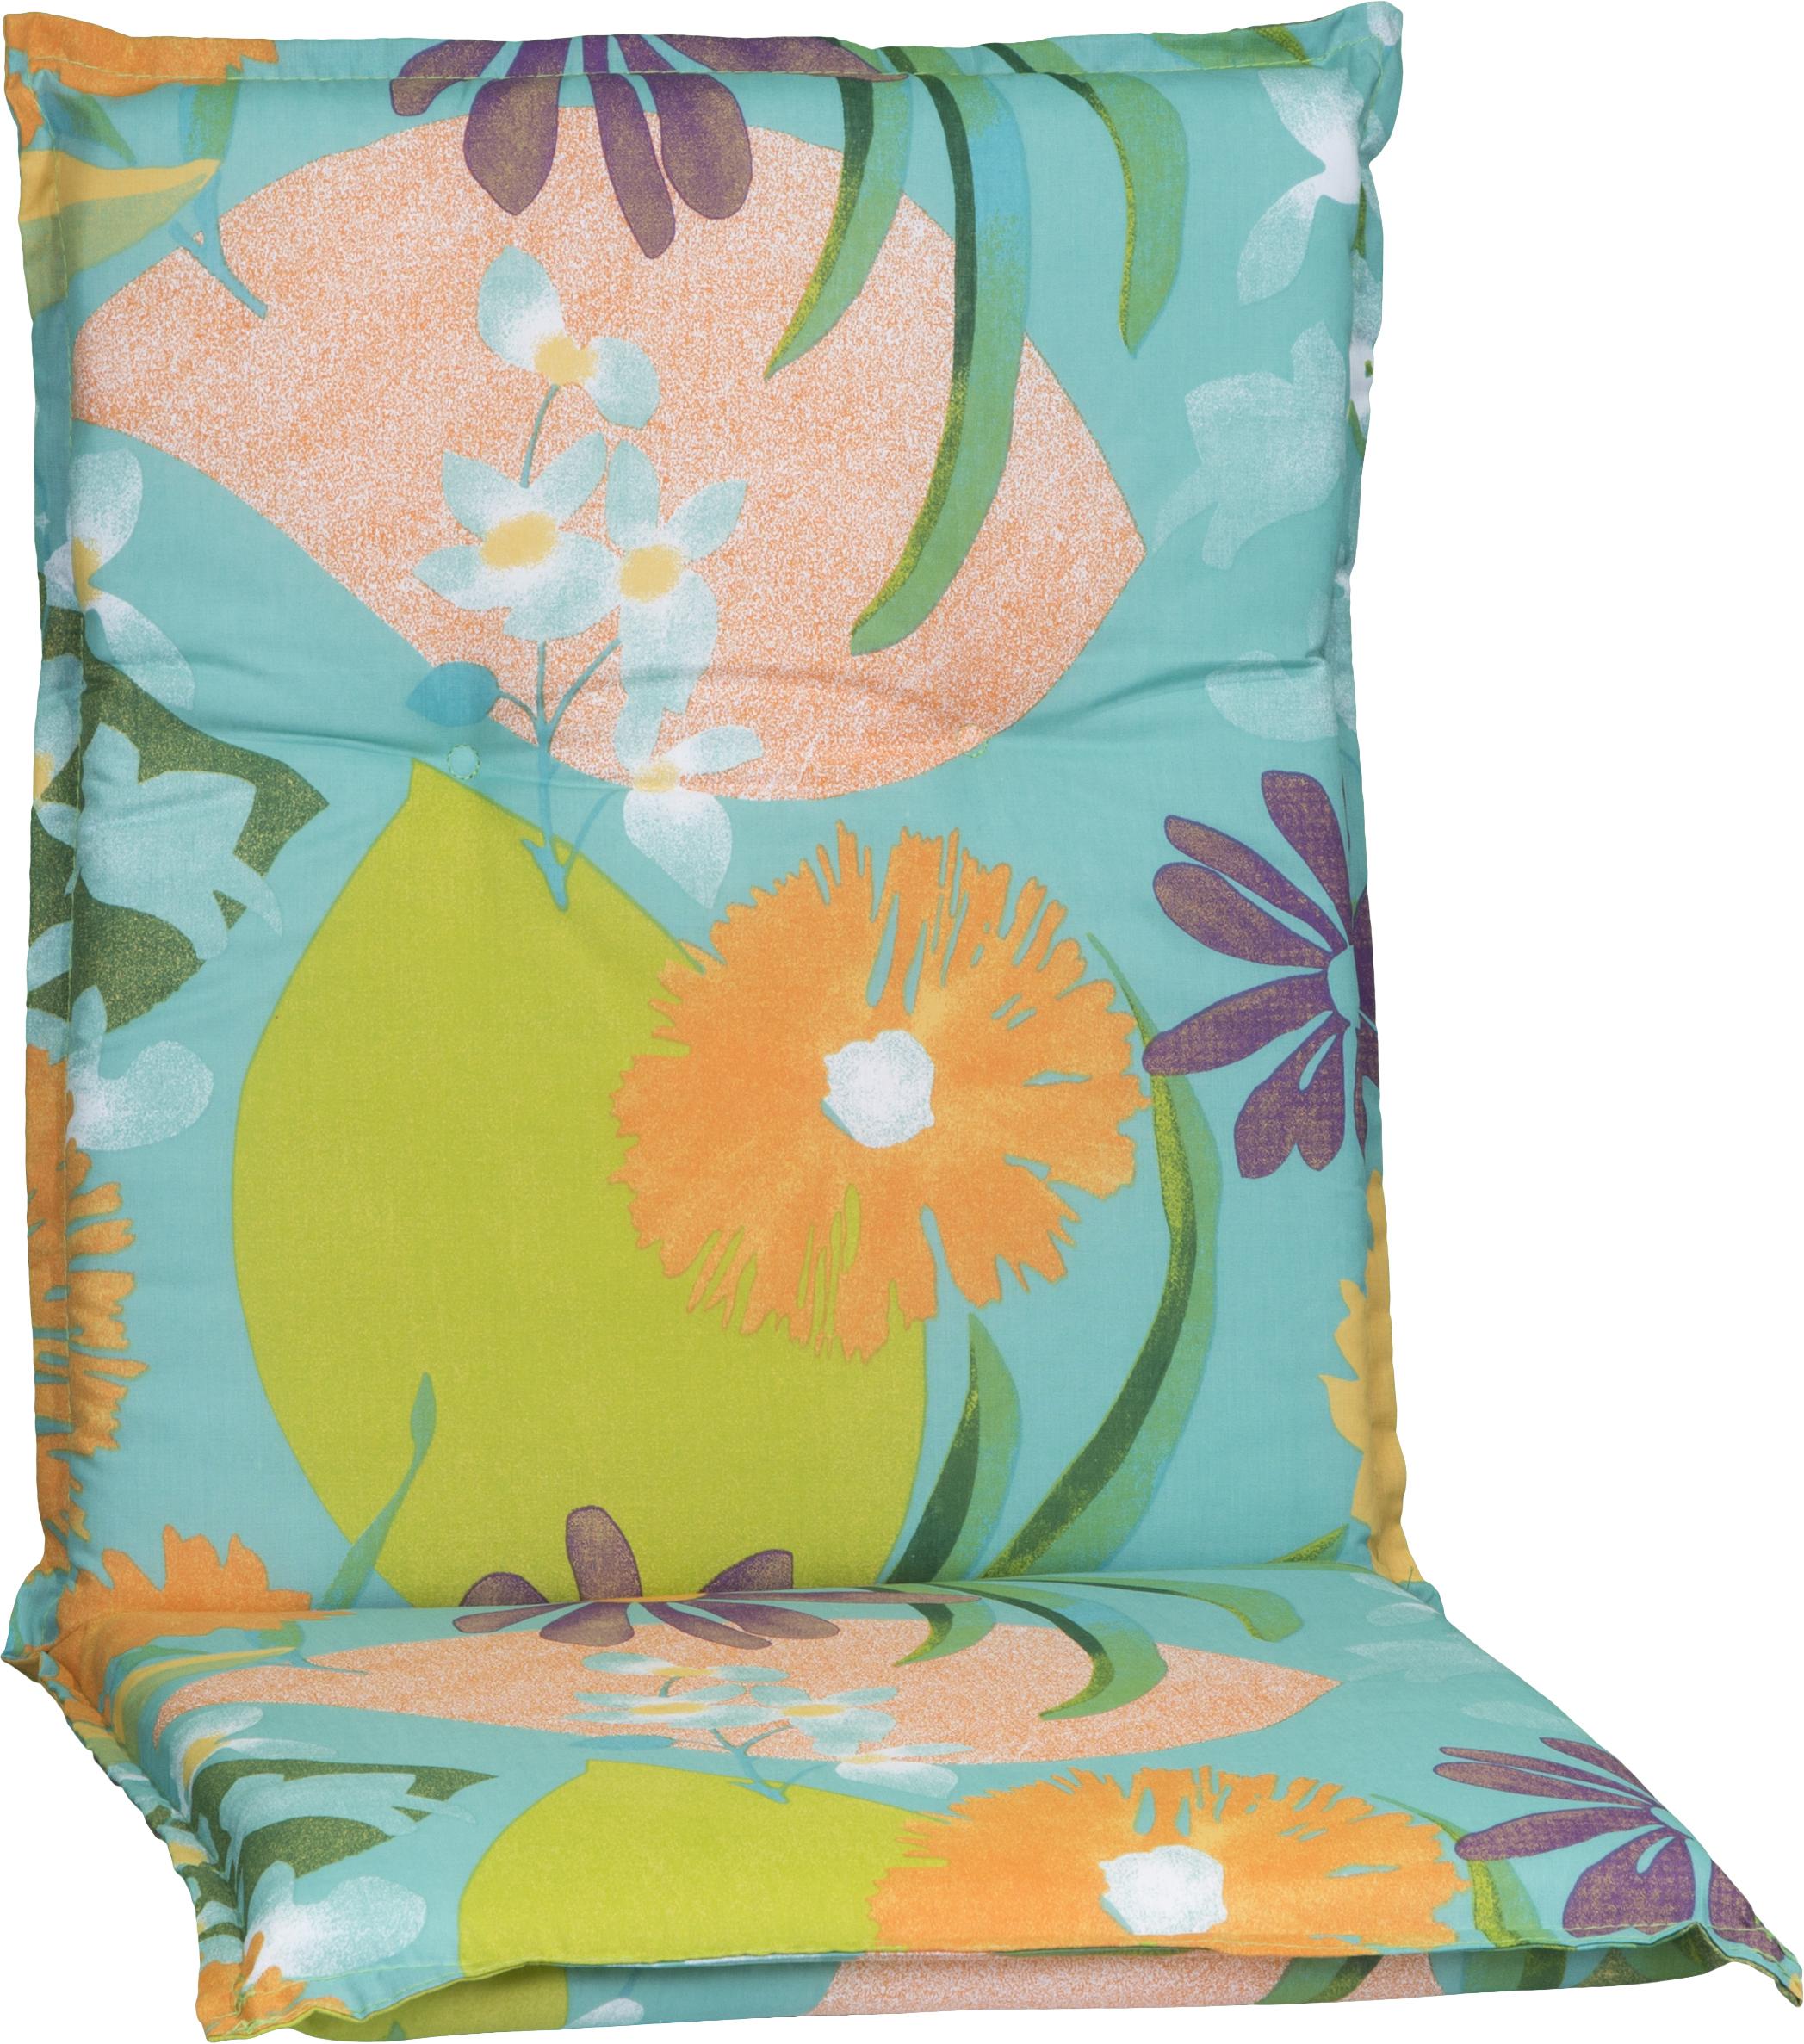 Aquarell Blumenmotiv Niederlehner Polster Design M701 orange, türkis, rosé und grün